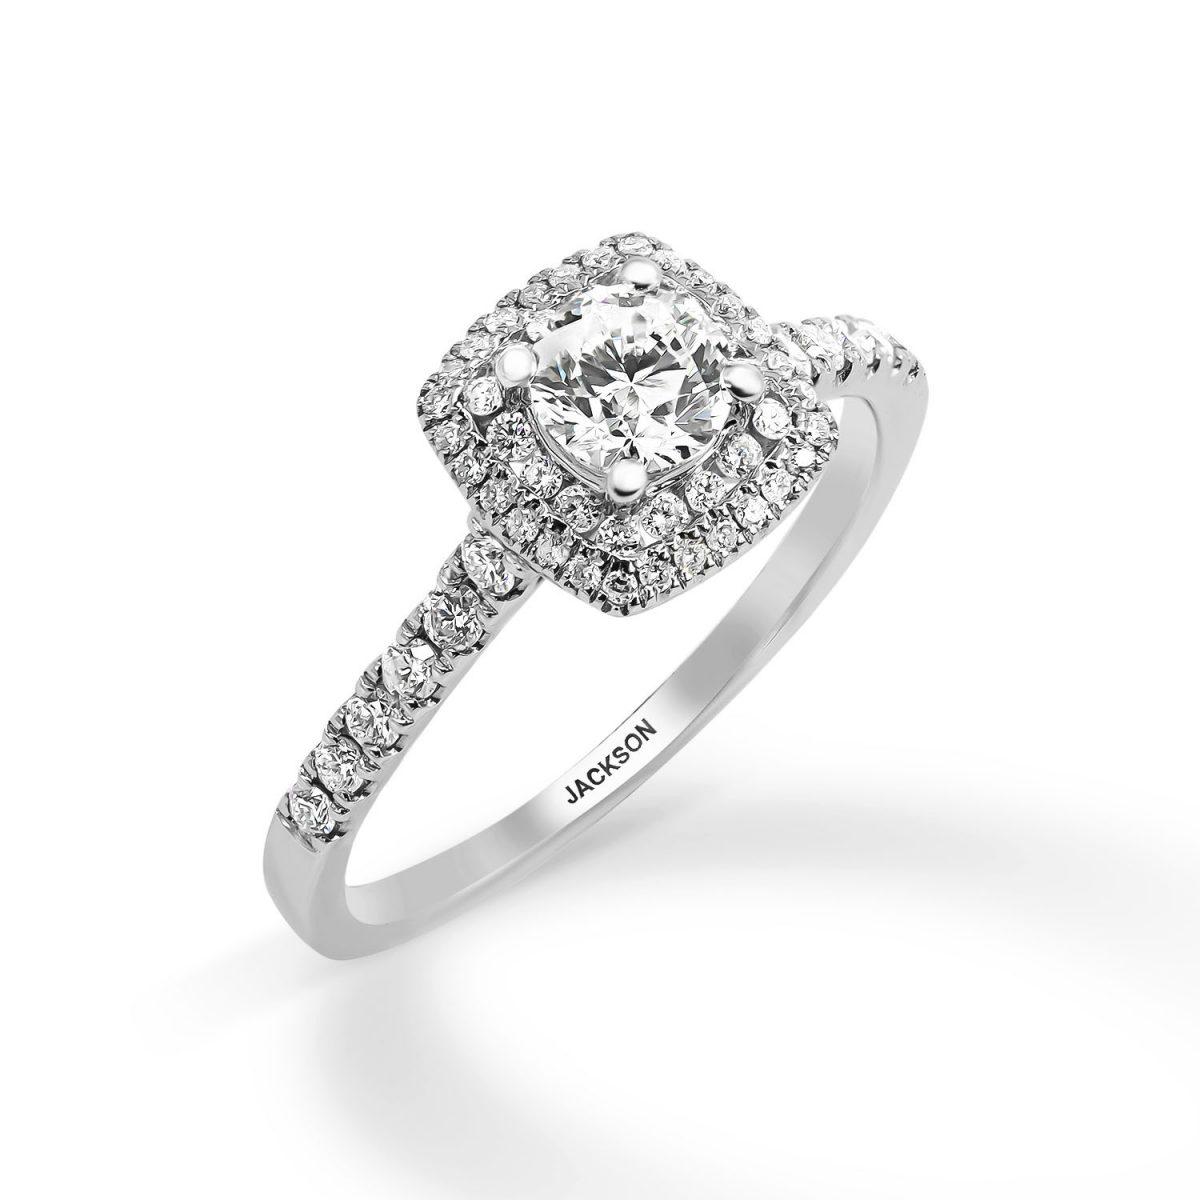 טבעת אירוסין - יהלי - זהב לבן